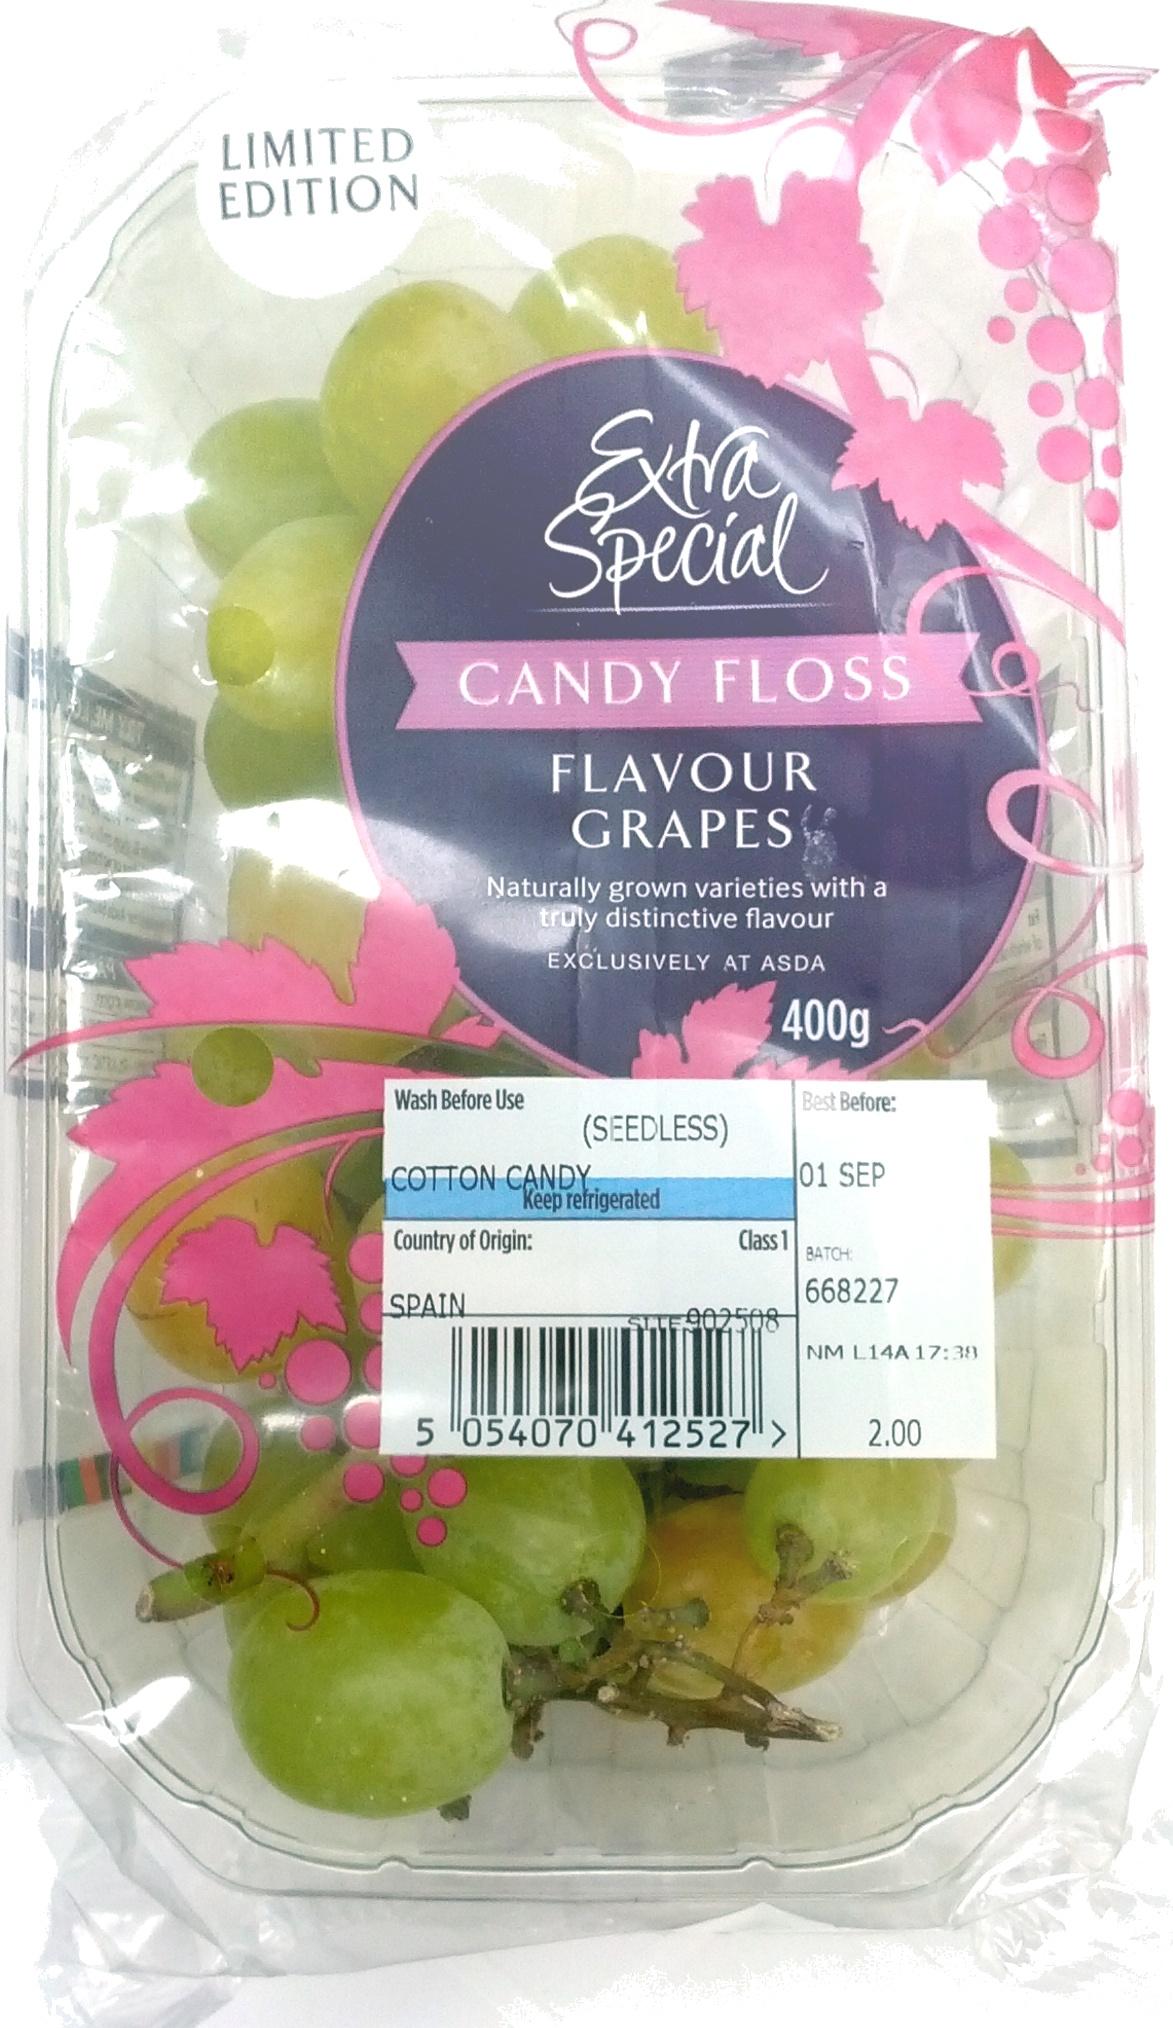 Candy Floss Flavour Grapes - Produit - en